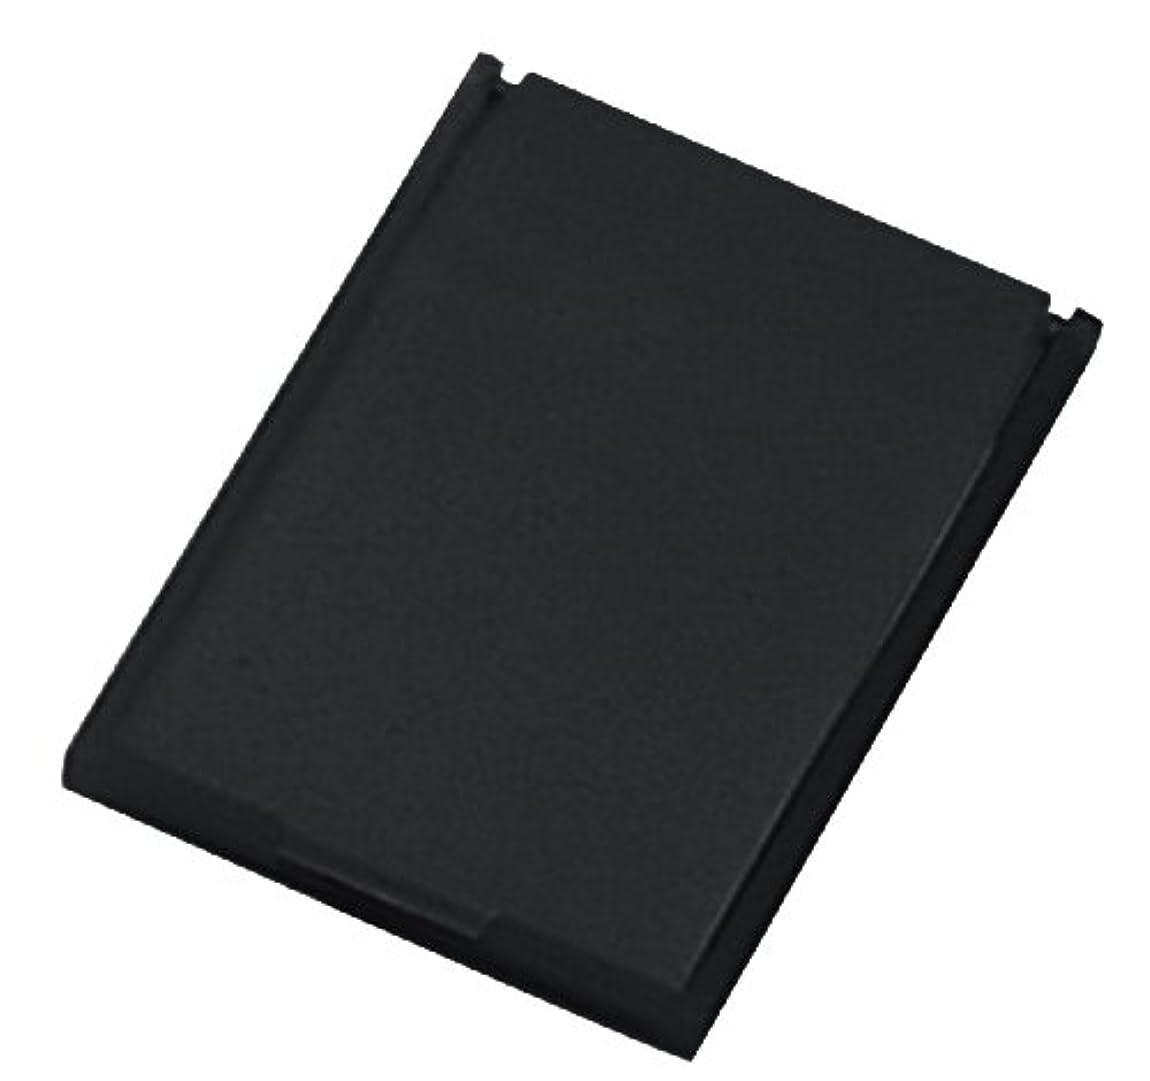 ミニコンパクトミラー 39×49㎜ ブラック YK-150